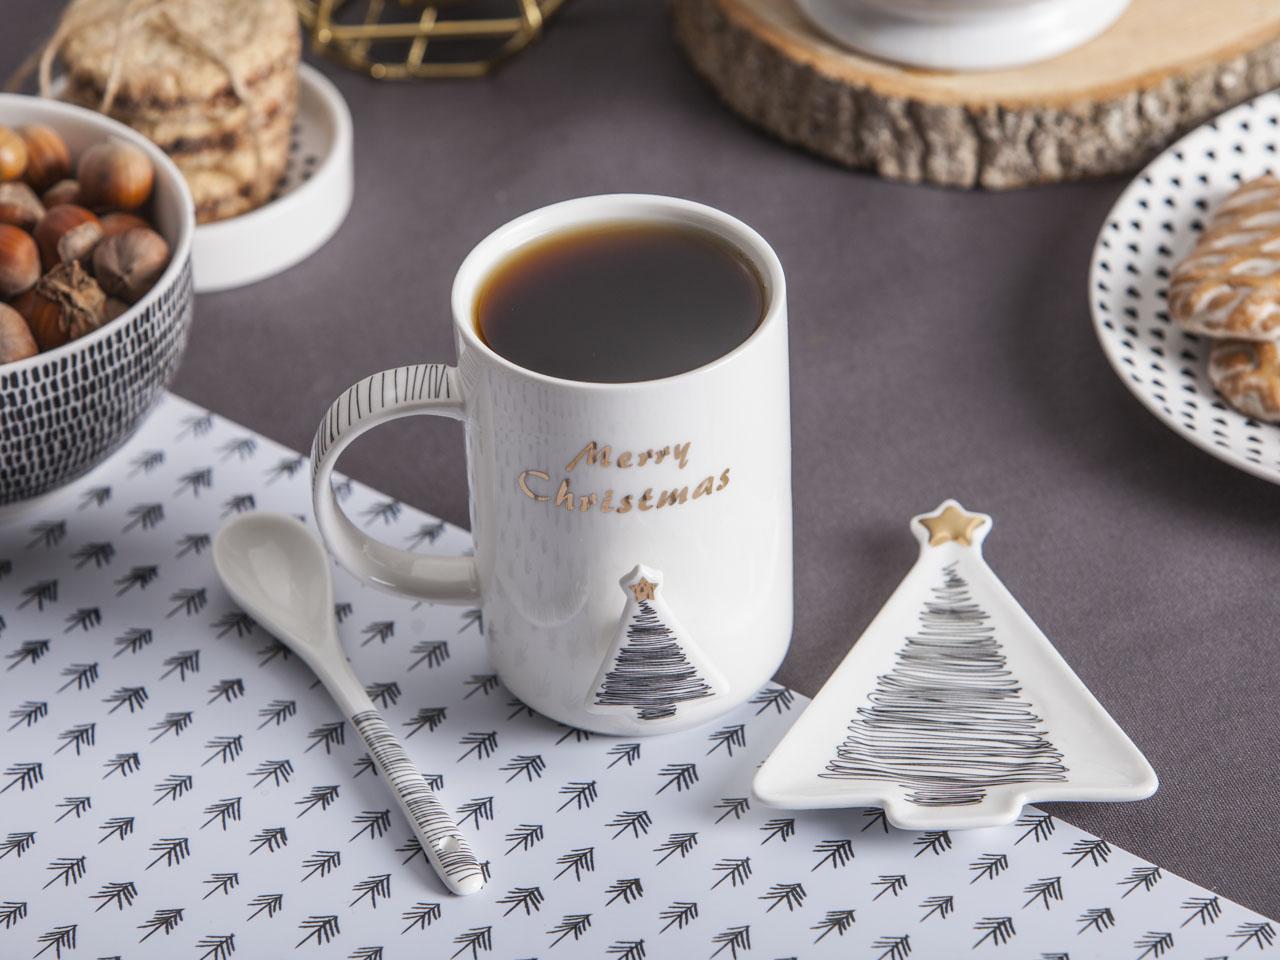 Kubek do kawy i herbaty porcelanowy z łyżeczką i podstawką święta Boże Narodzenie Altom Design Nordic Winter dek. Choinka 360 ml